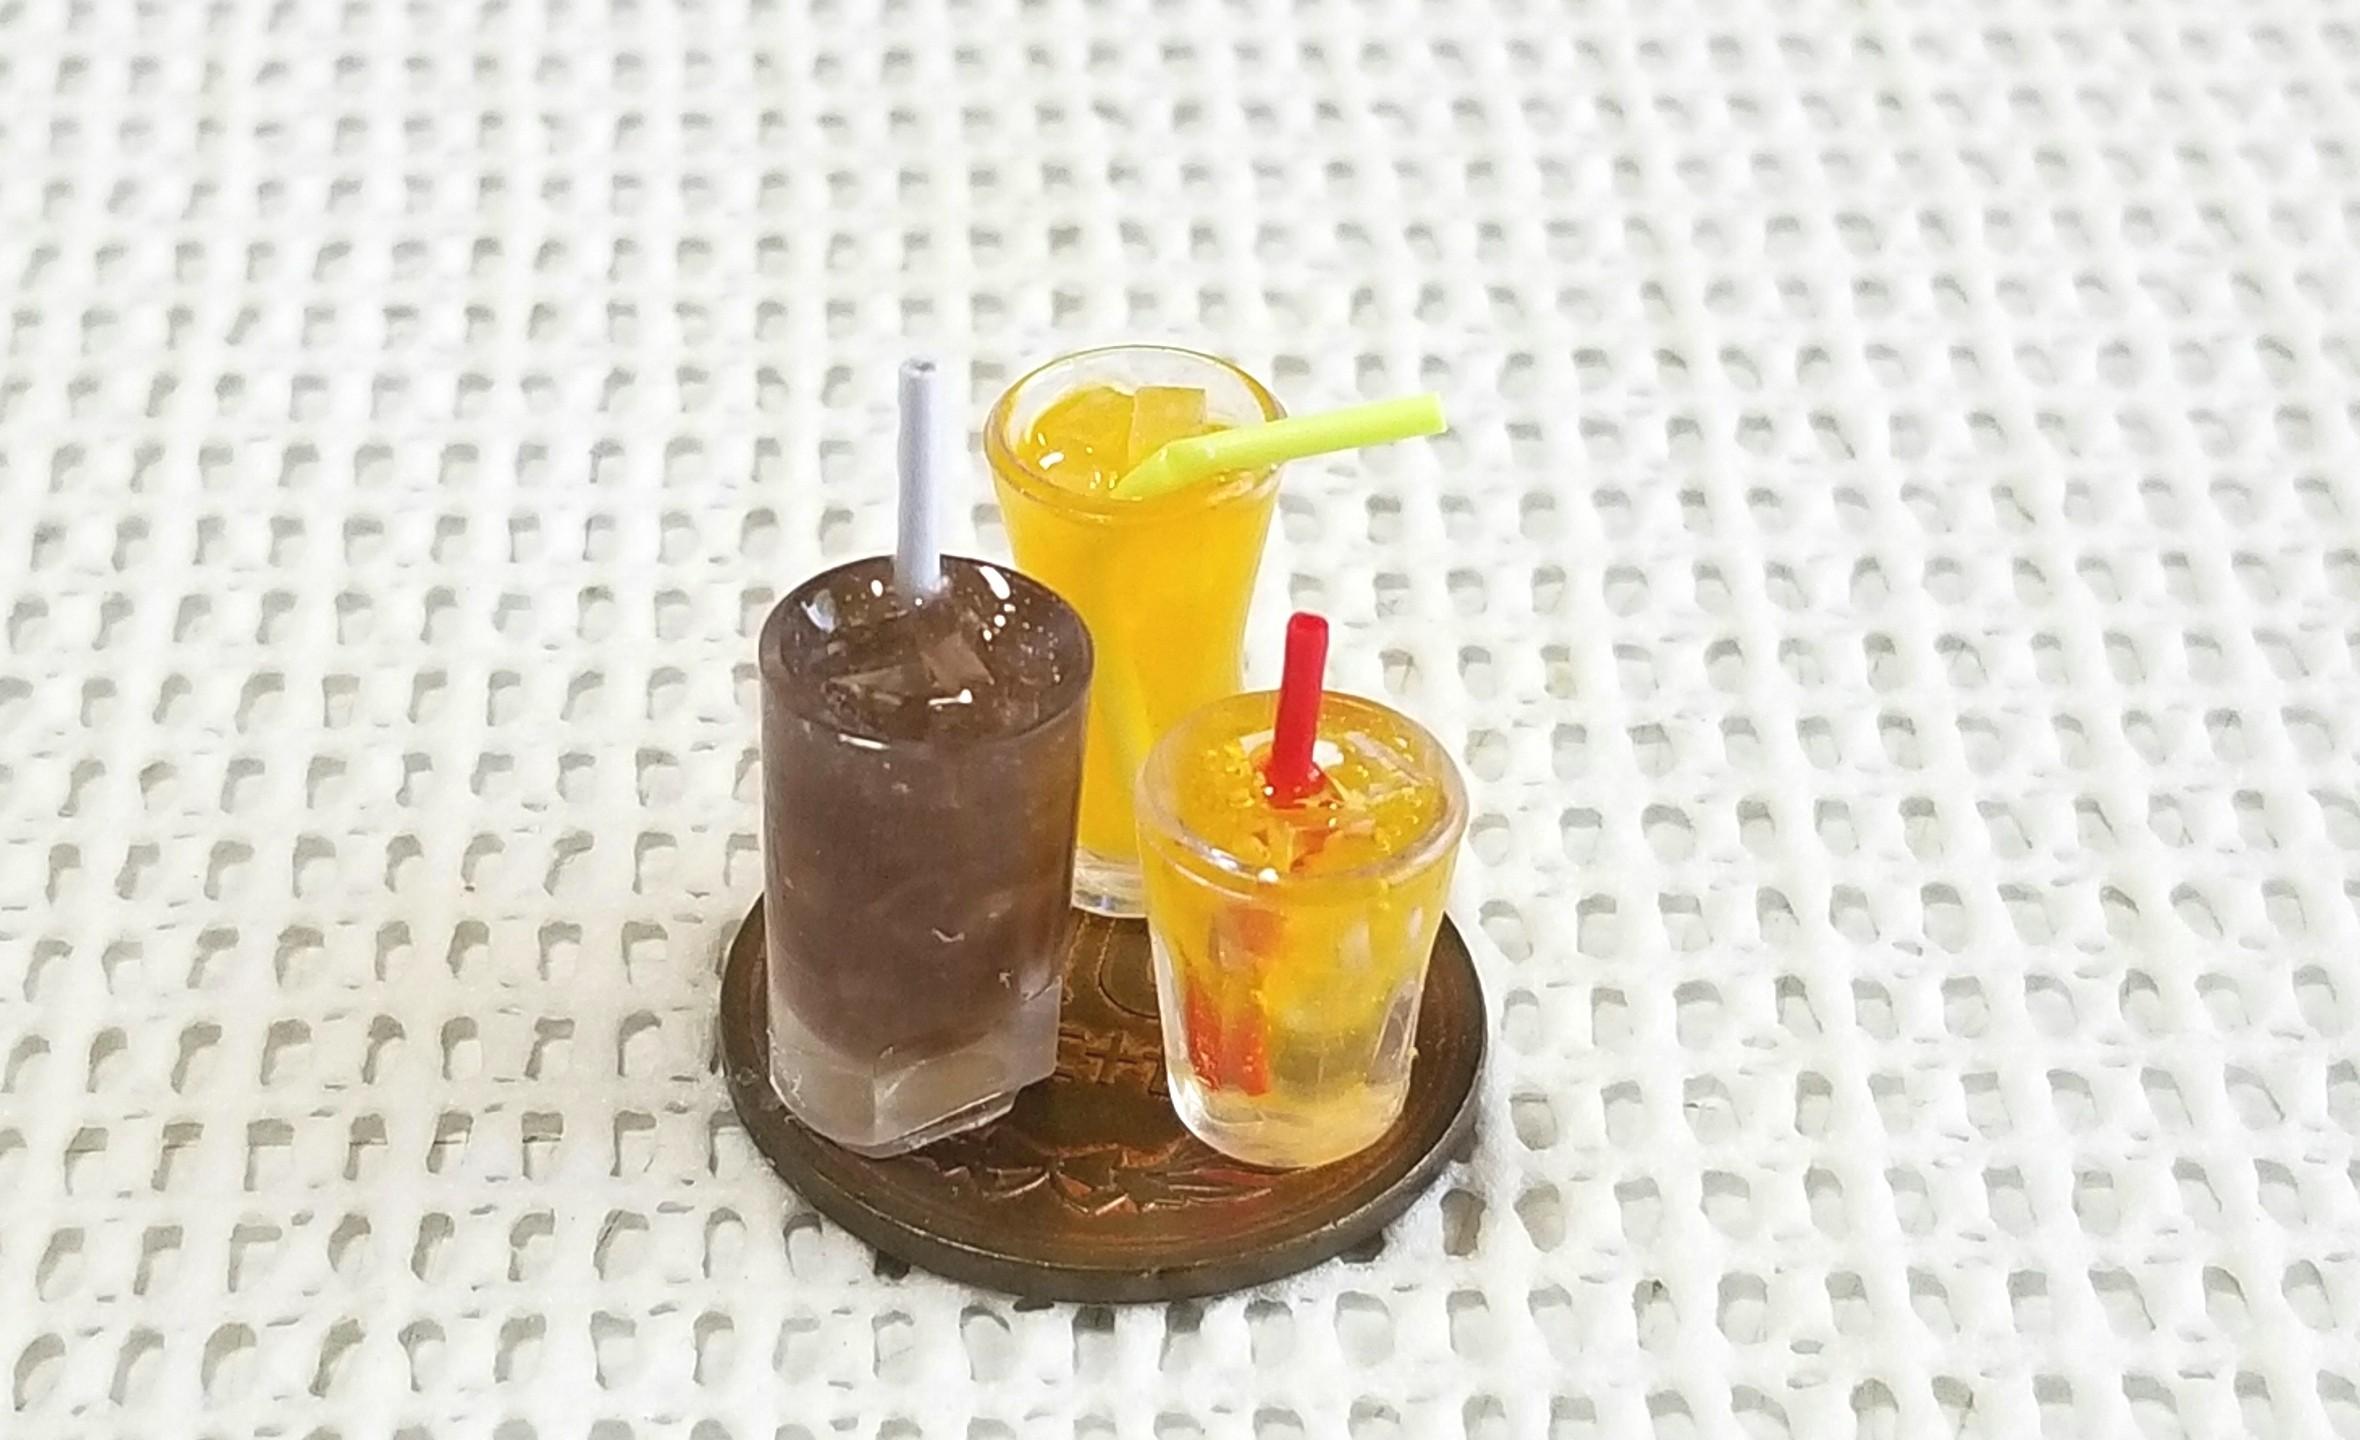 ミニチュア, 飲み物, コーラ, オレンジジュース, UVレジン